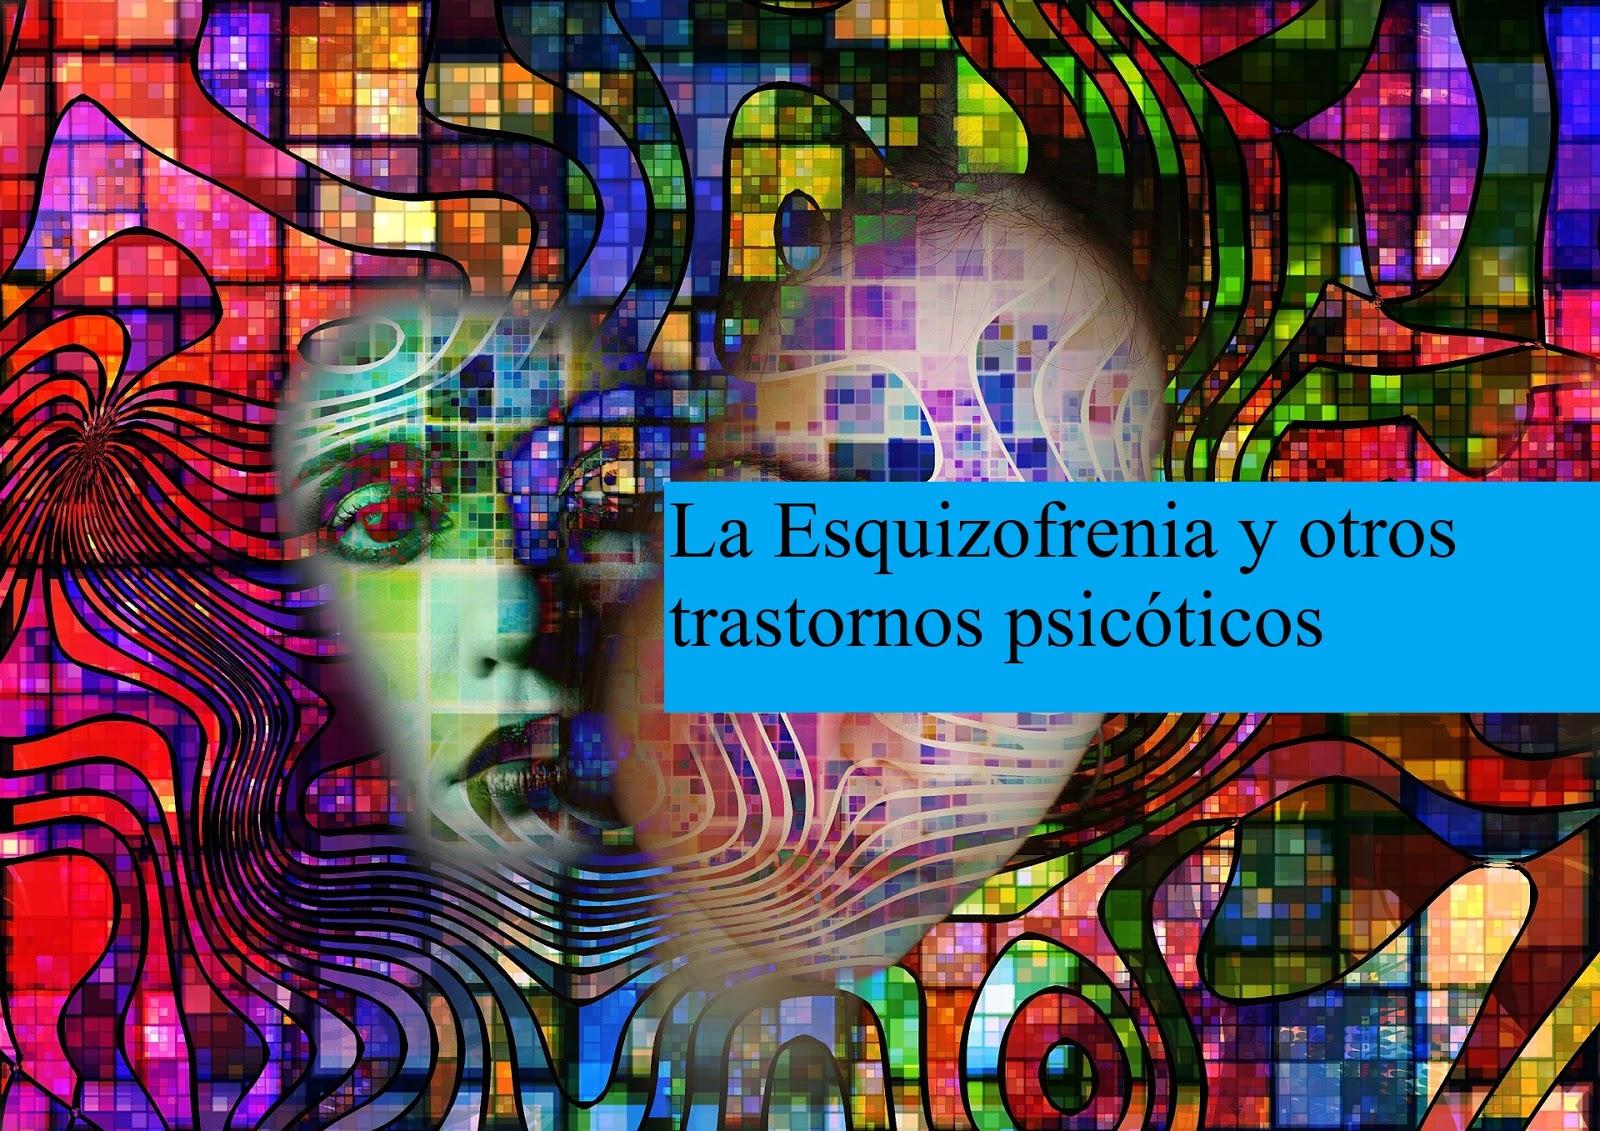 ESQUIZOFRENIA Y OTROS TRASTORNOS PSICÓTICOS. PDF